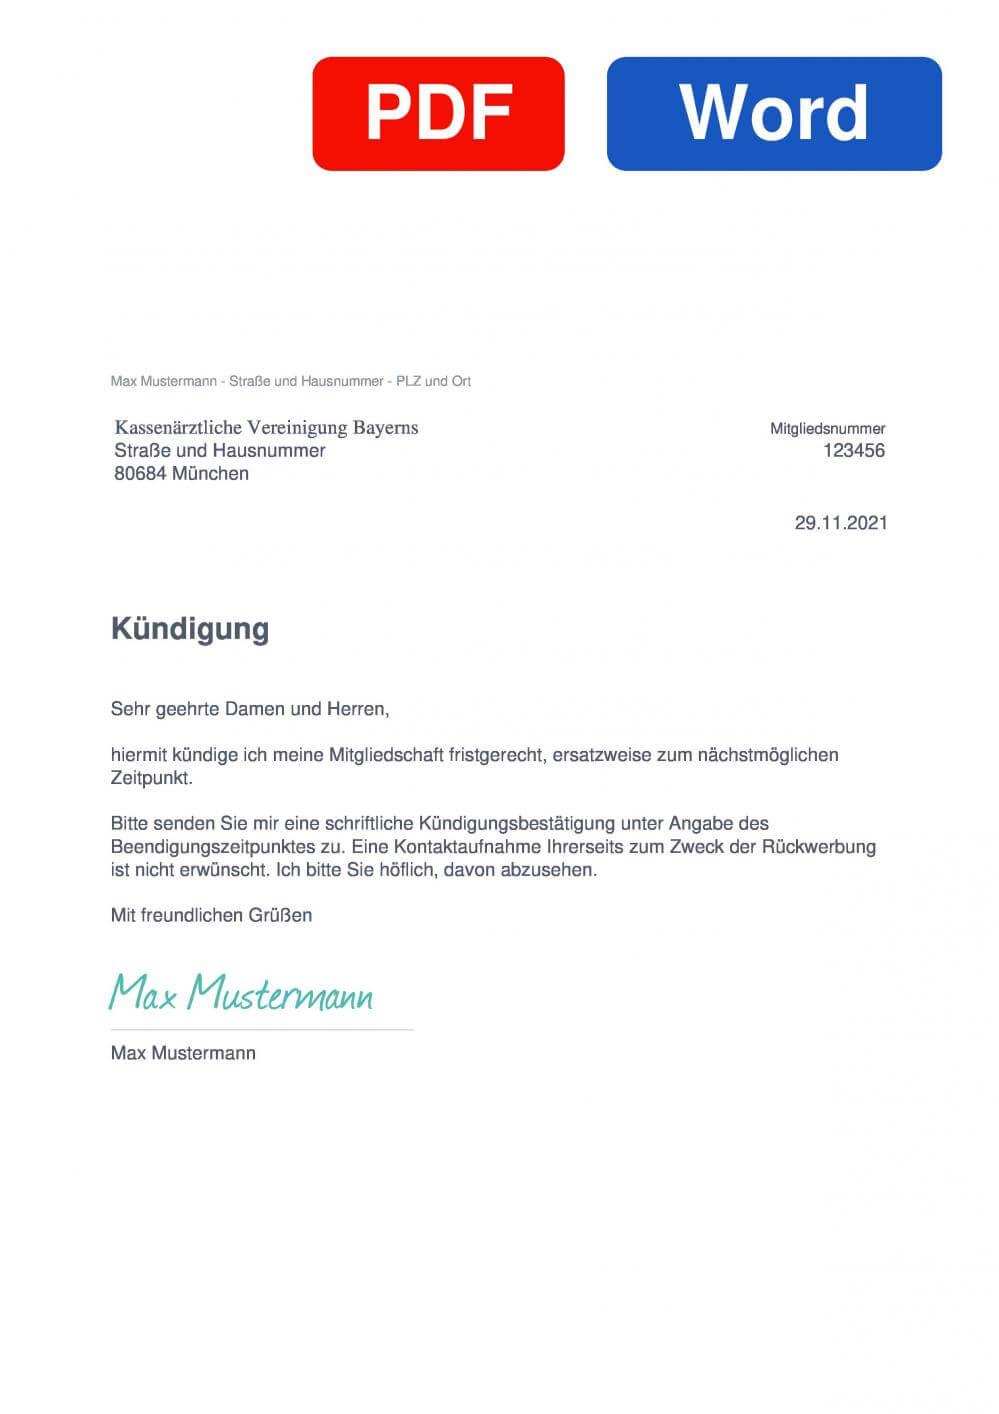 KVB Muster Vorlage für Kündigungsschreiben